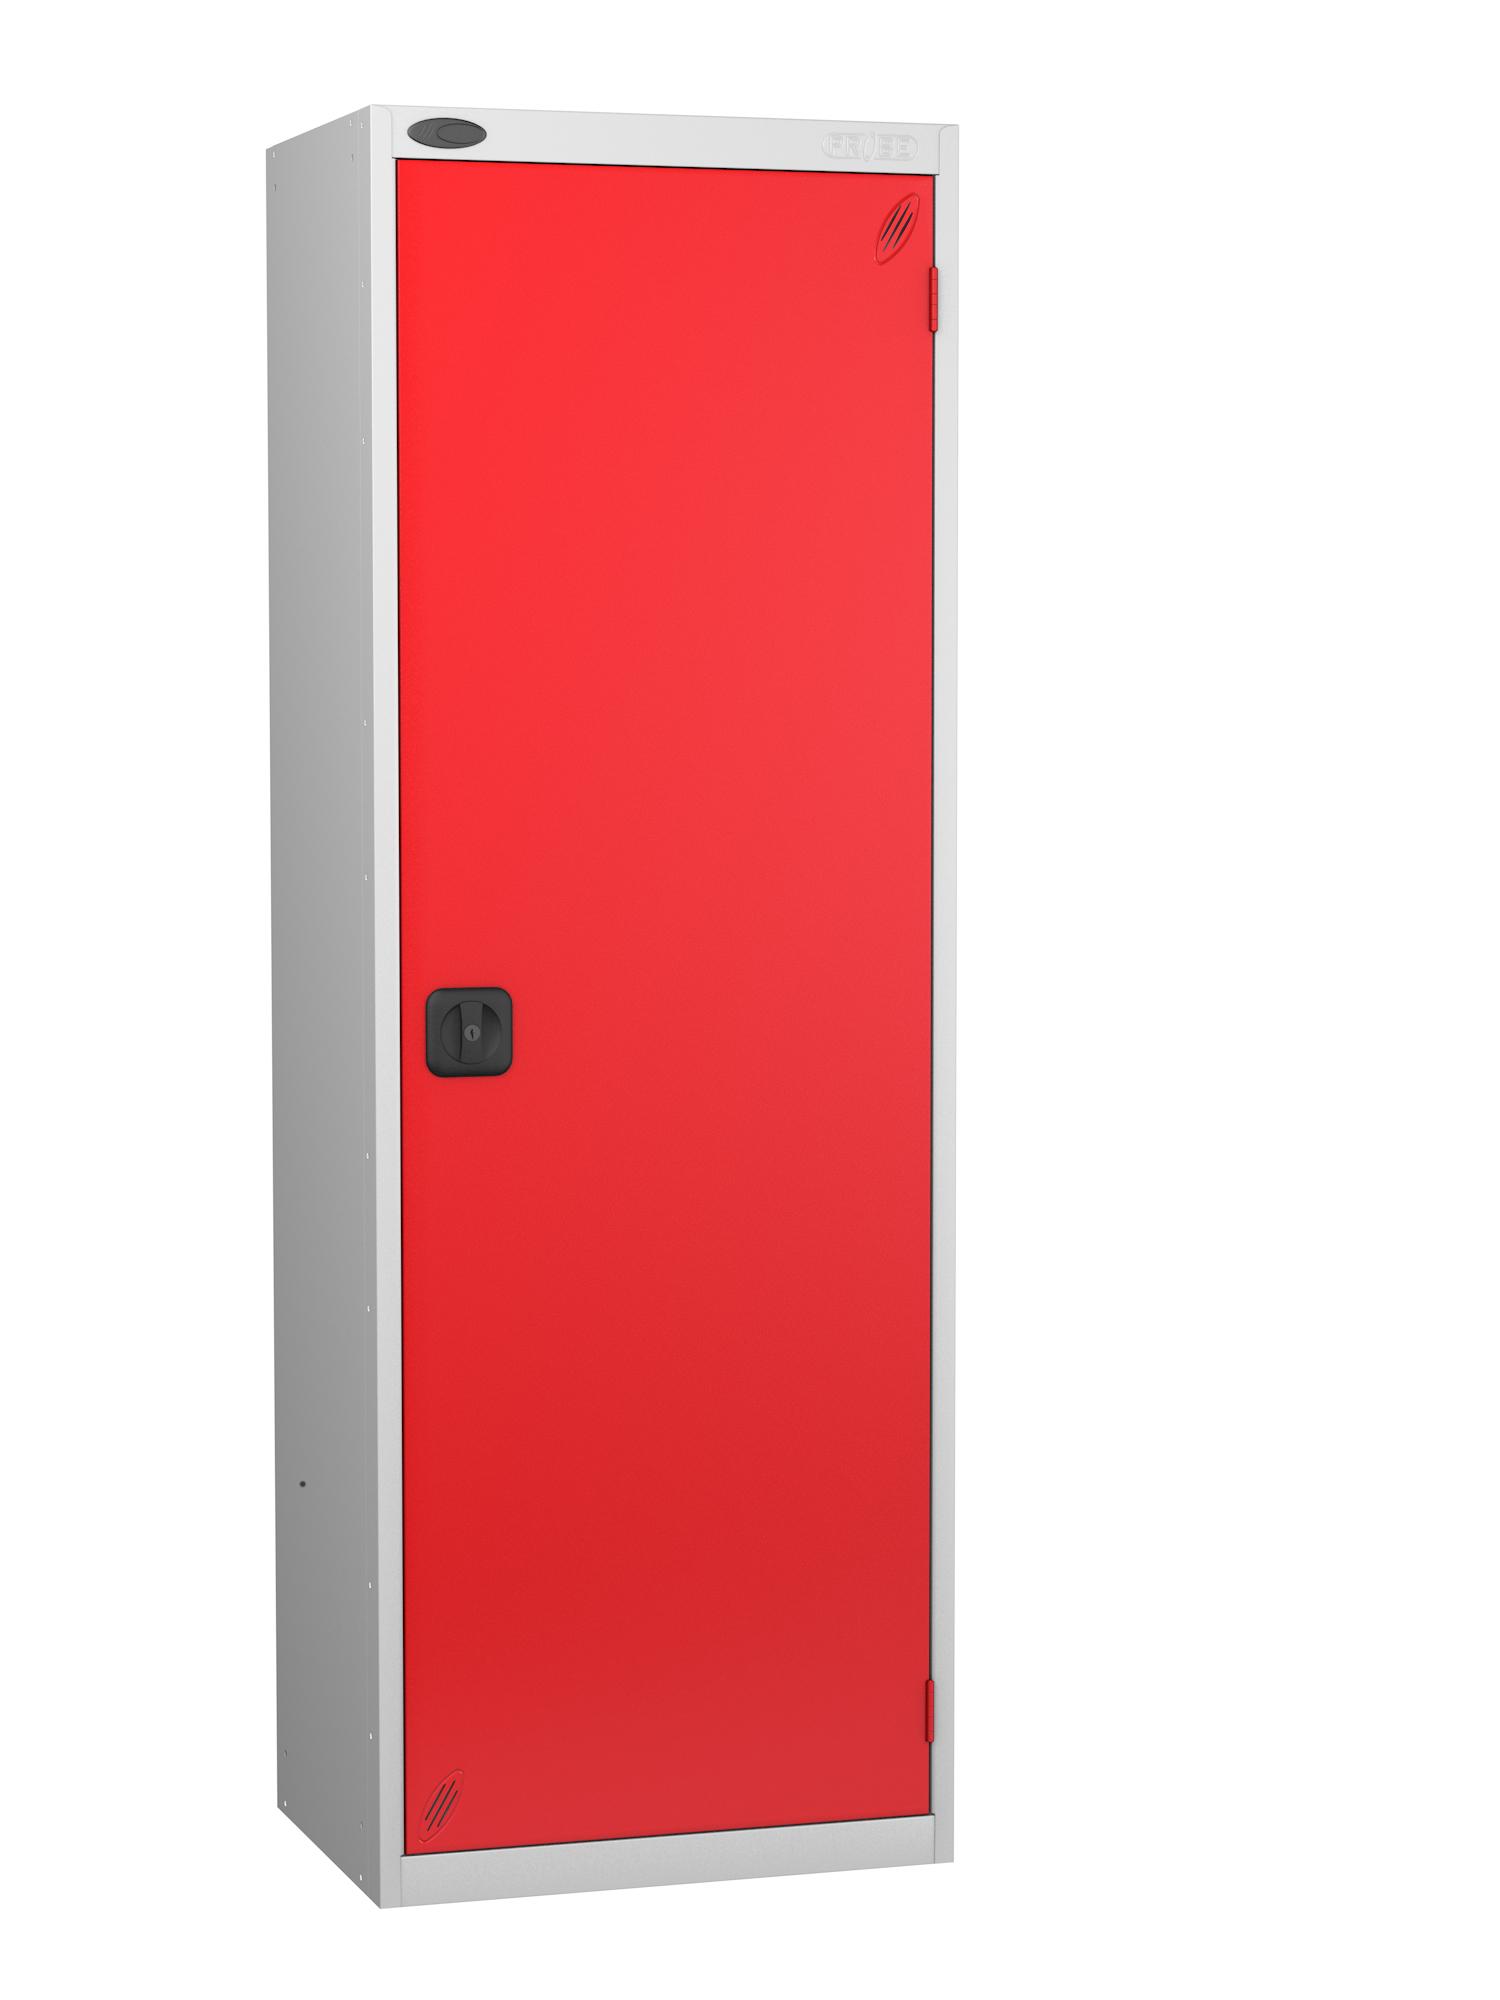 Probe high capacity specialist locker with red door